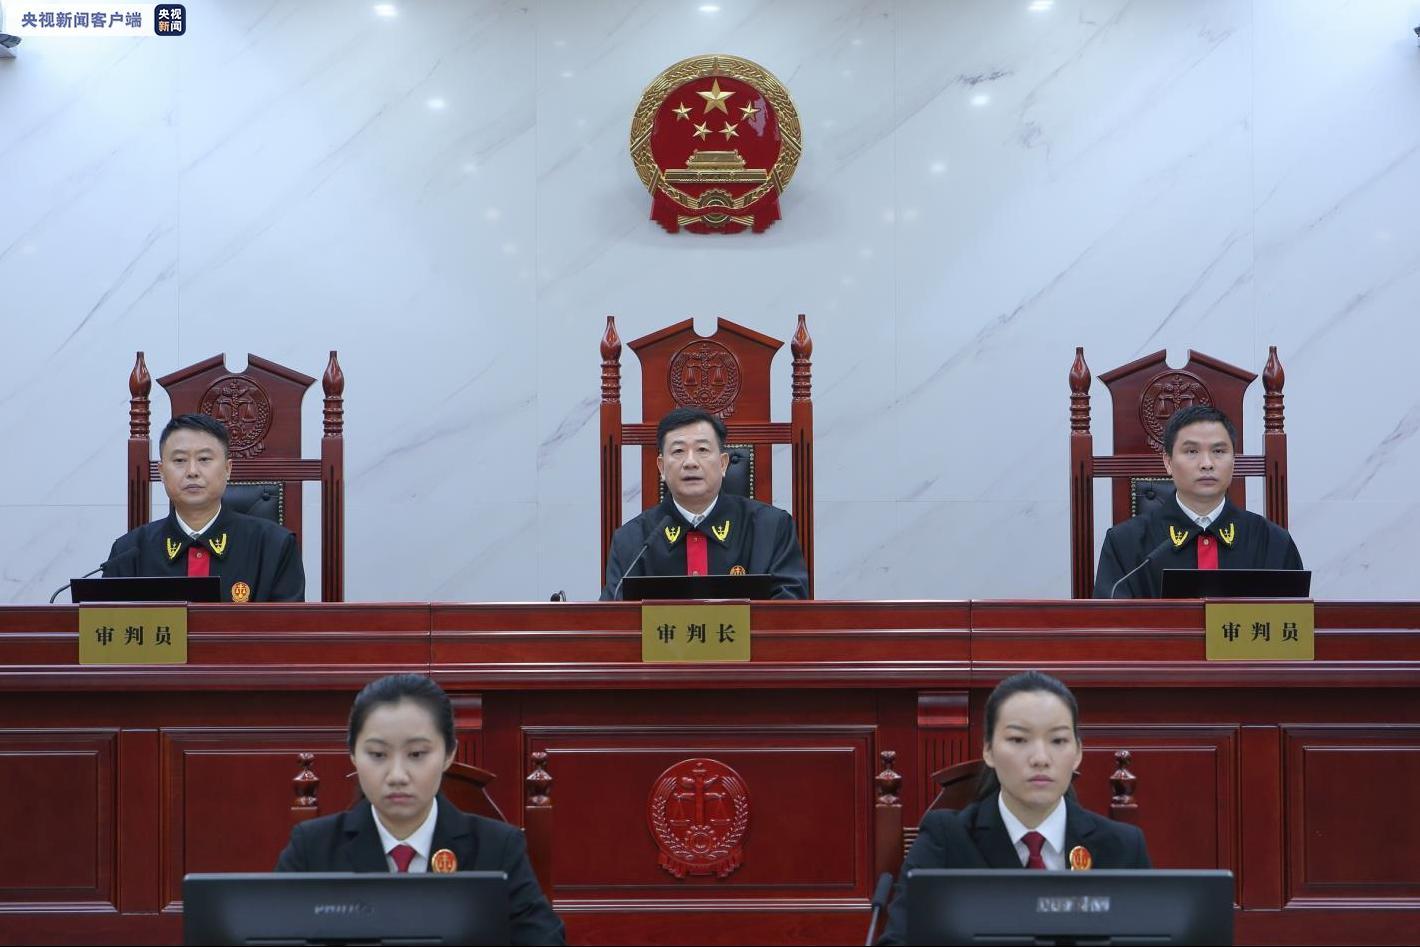 红通人员许超凡受审:被控贪污公款美金6.22亿、港币1.29亿